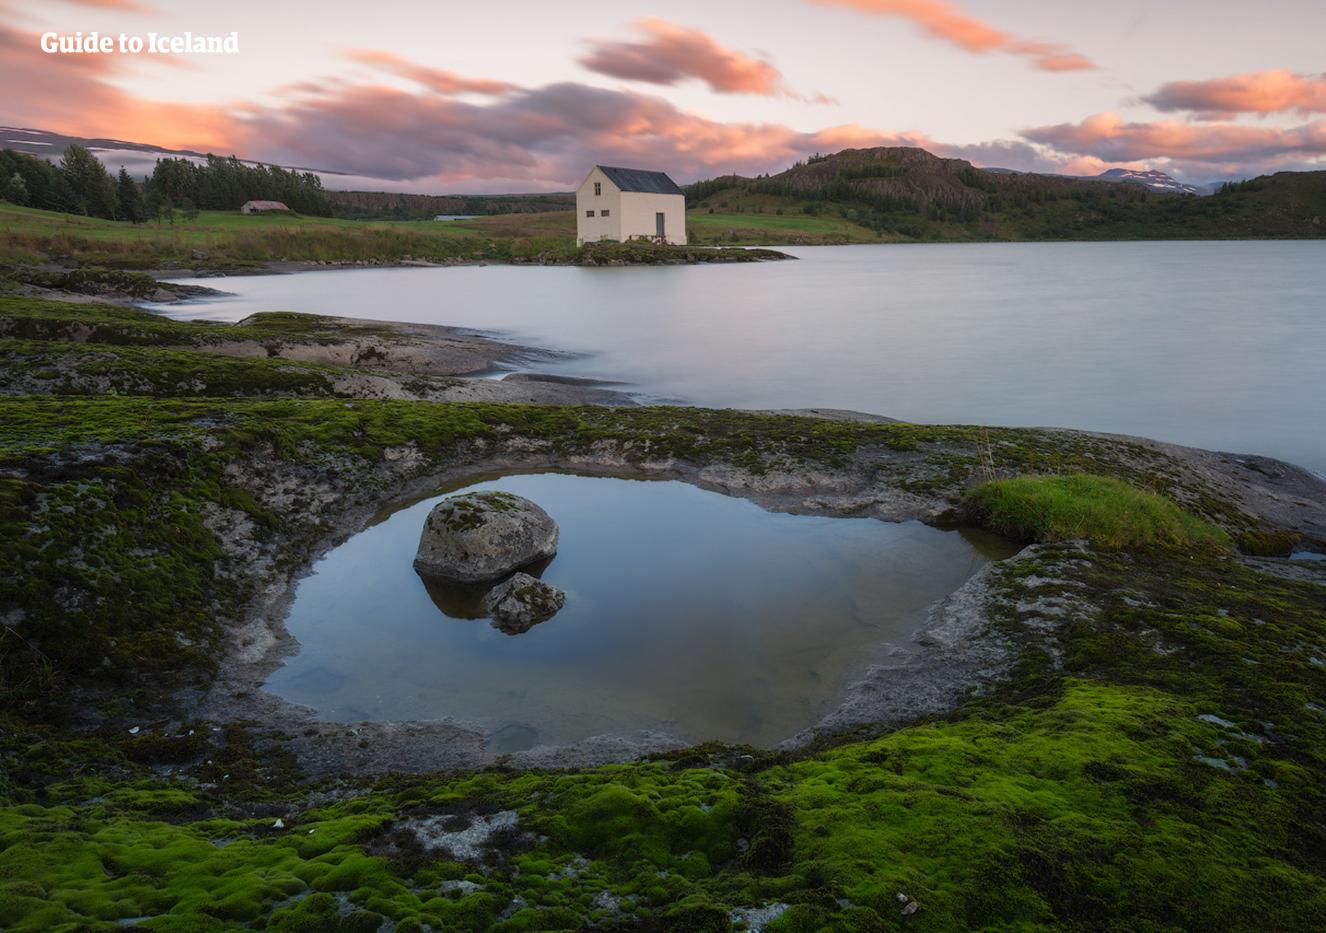 동부 아이슬란드의 라가르플리오트 호수 둑에 쓸쓸히 서있는 집.